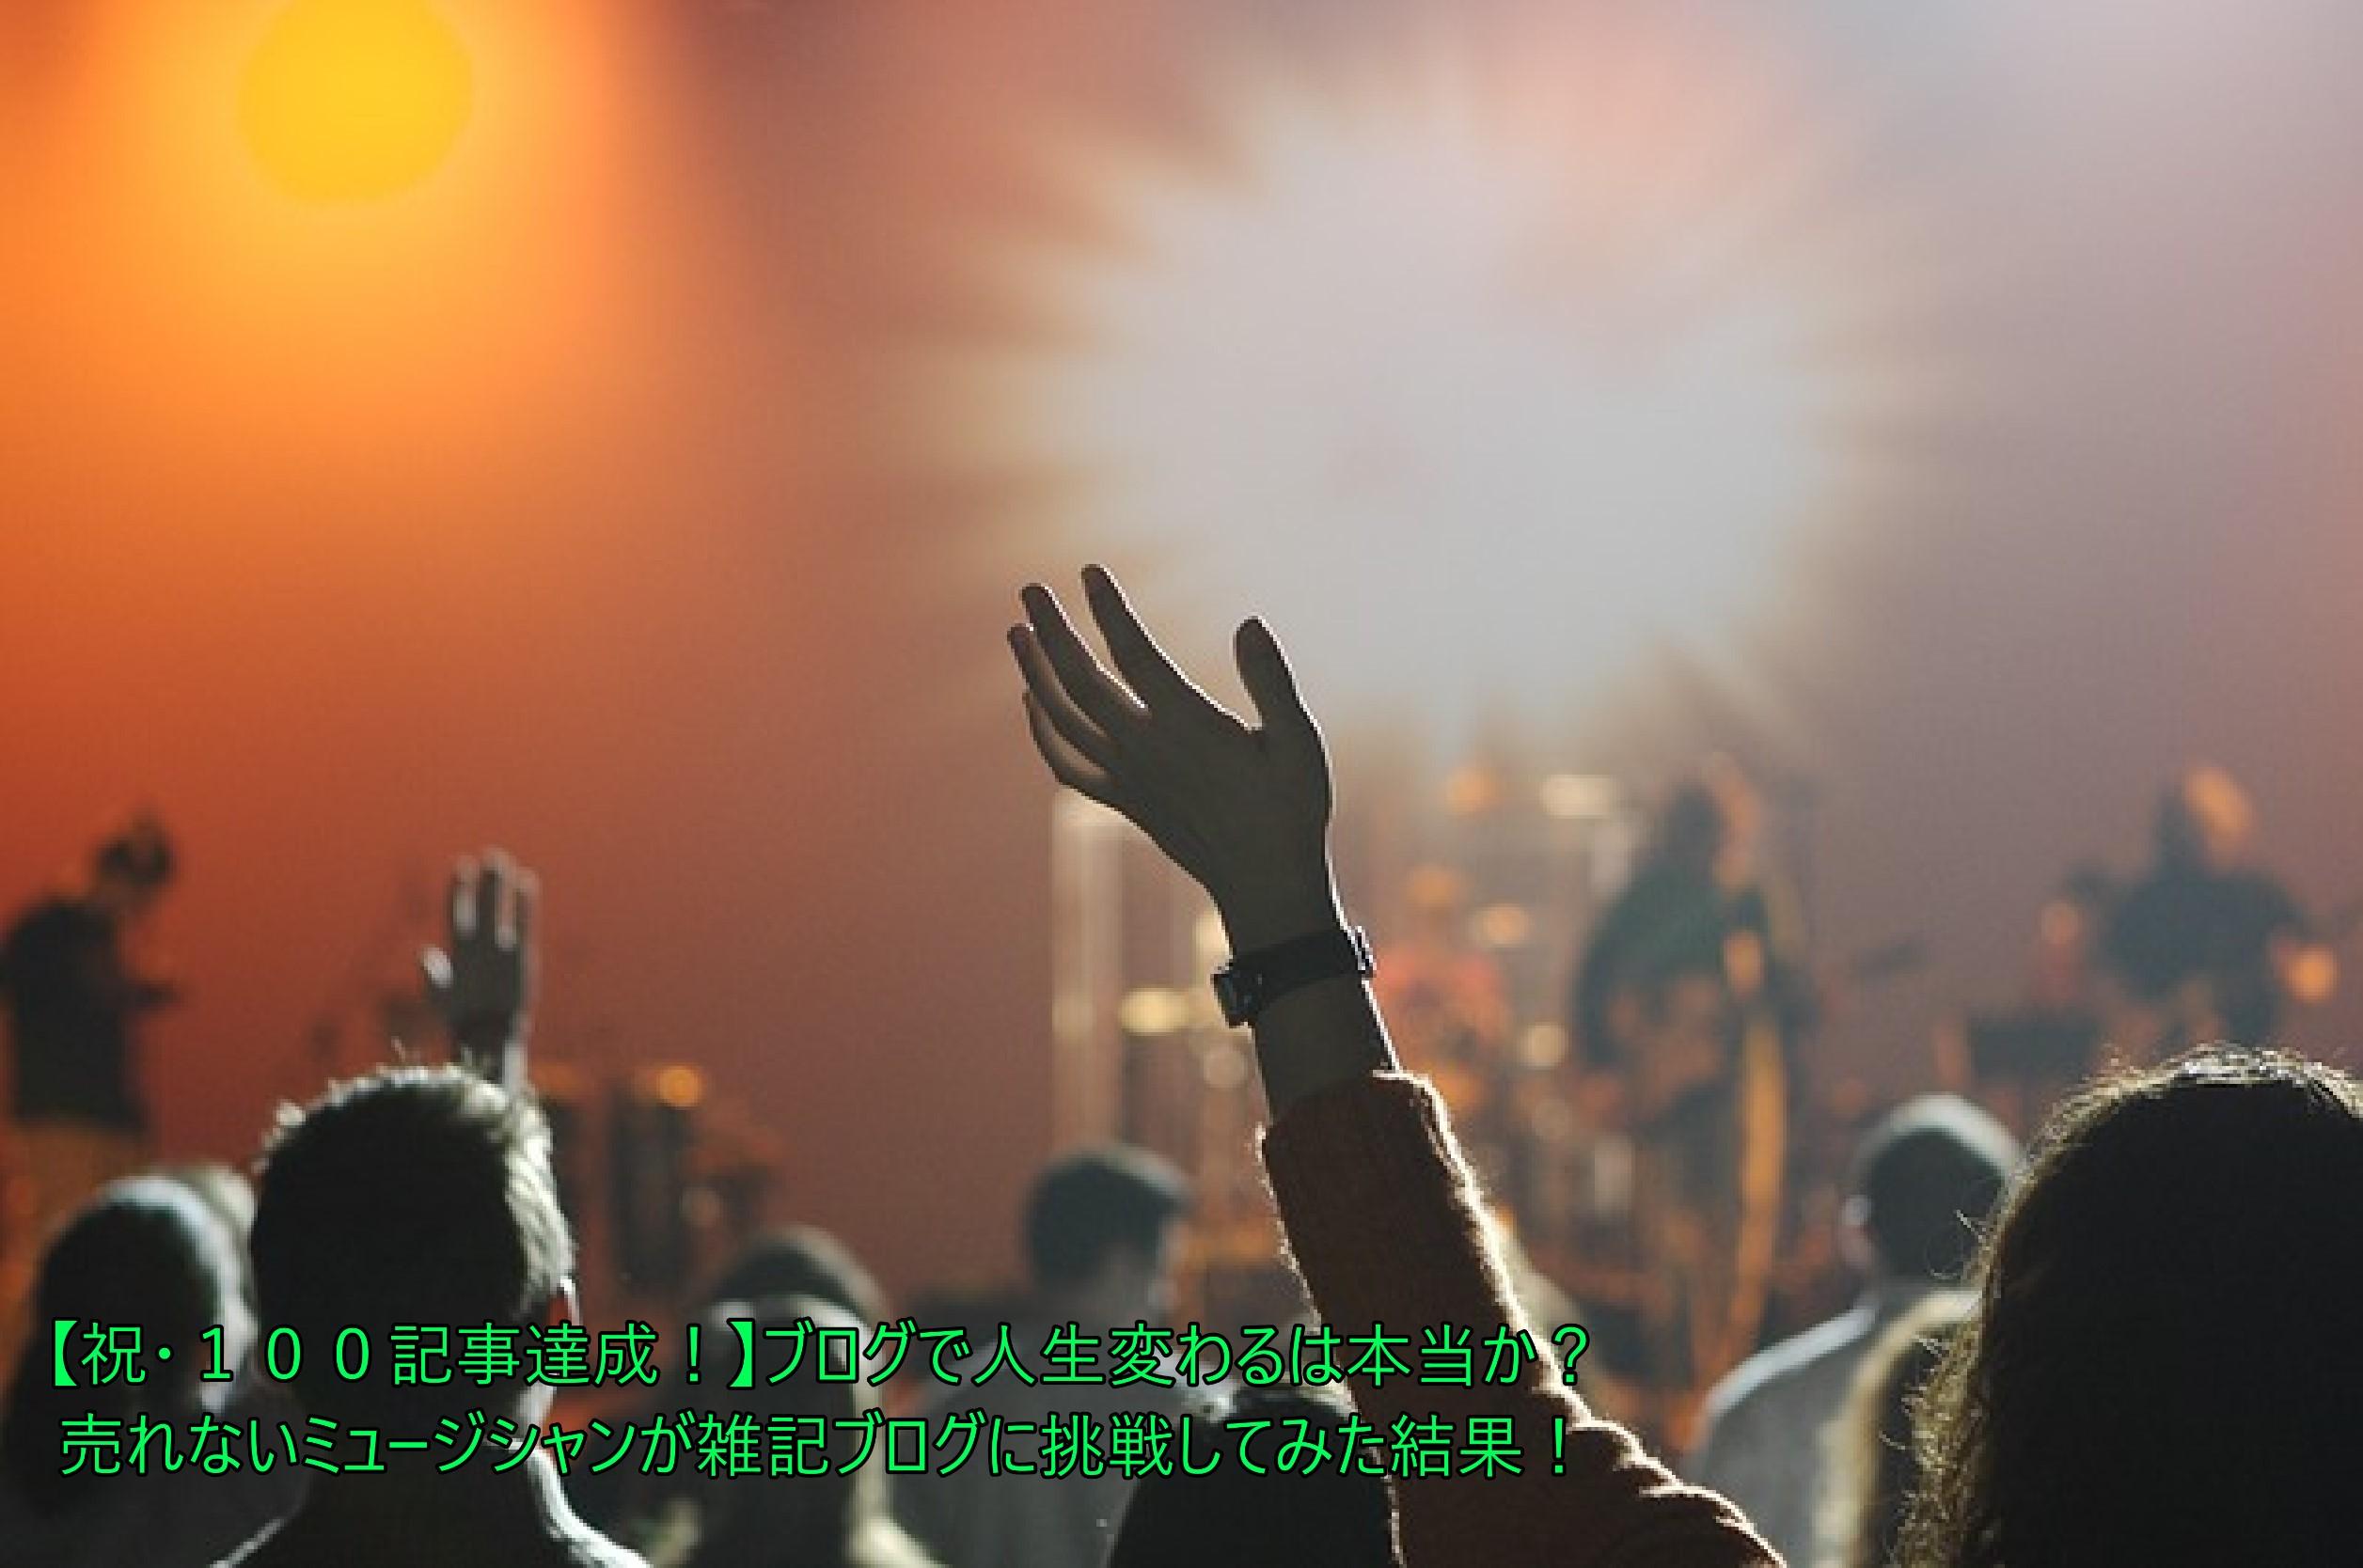 【祝・100記事達成!】ブログで人生変わるは本当か?売れないミュージシャンが雑記ブログに挑戦してみた結果!